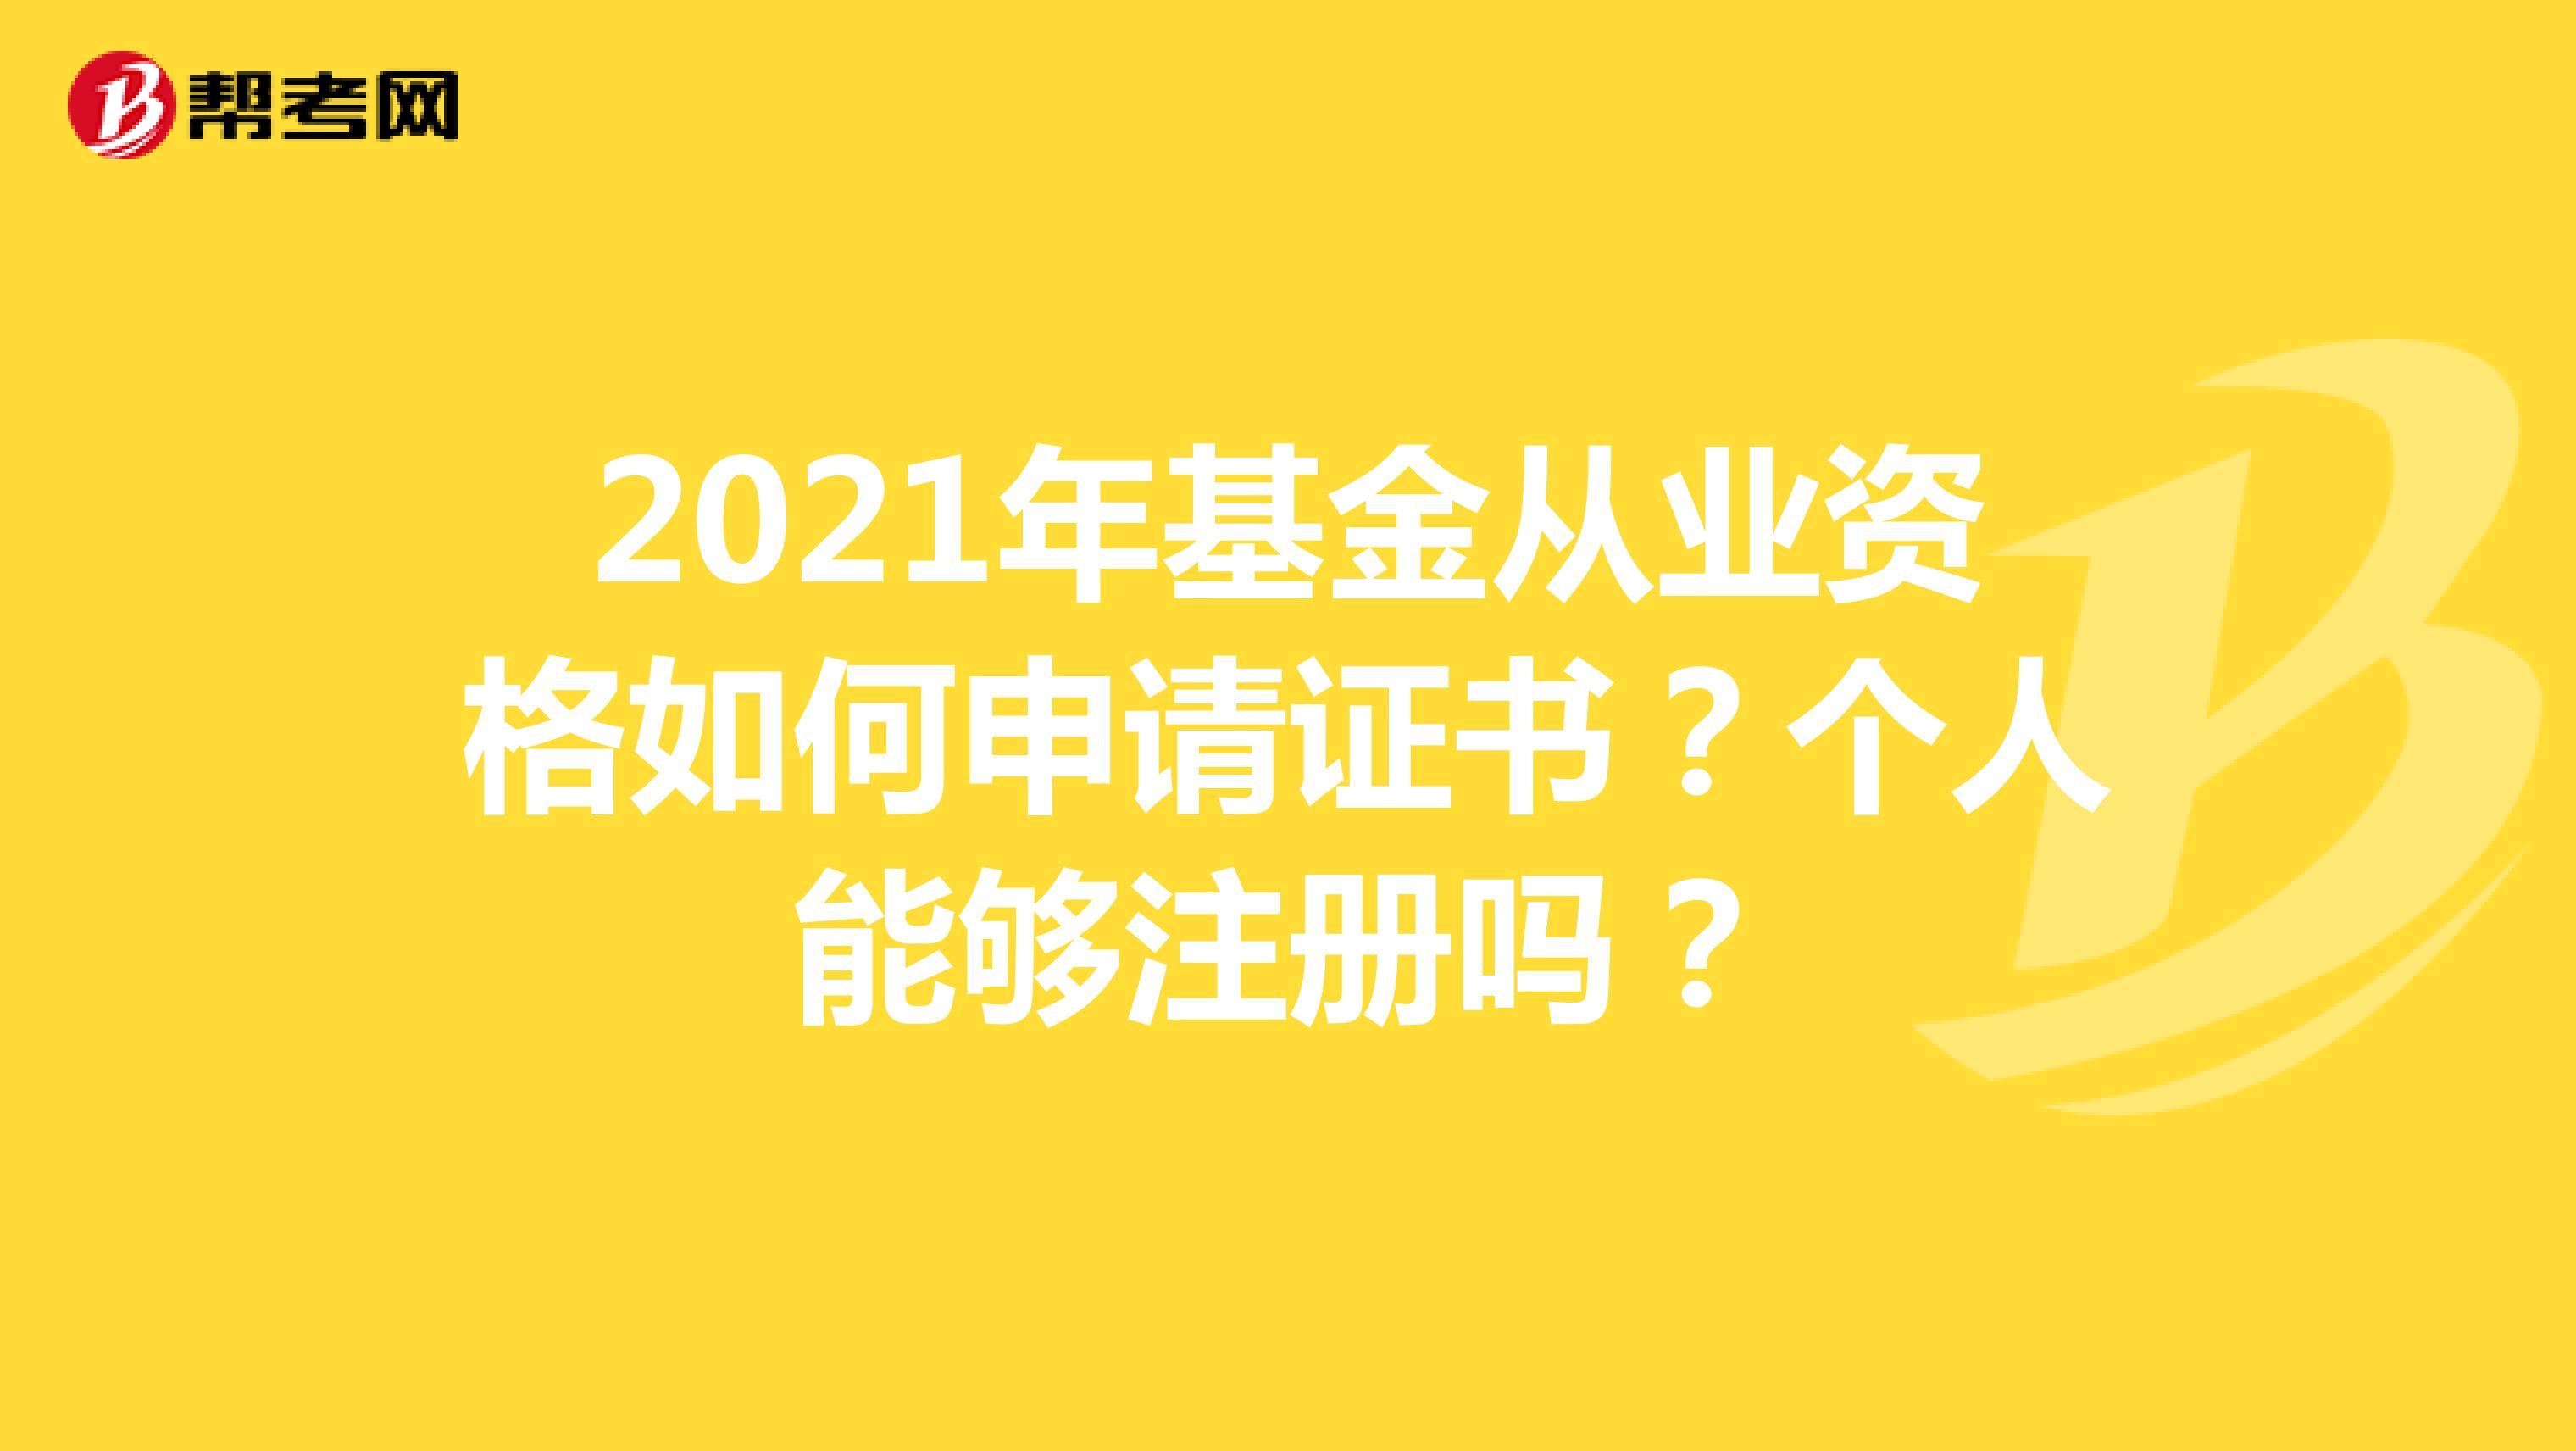 2021年基金从业资格如何申请证书?个人能够注册吗?